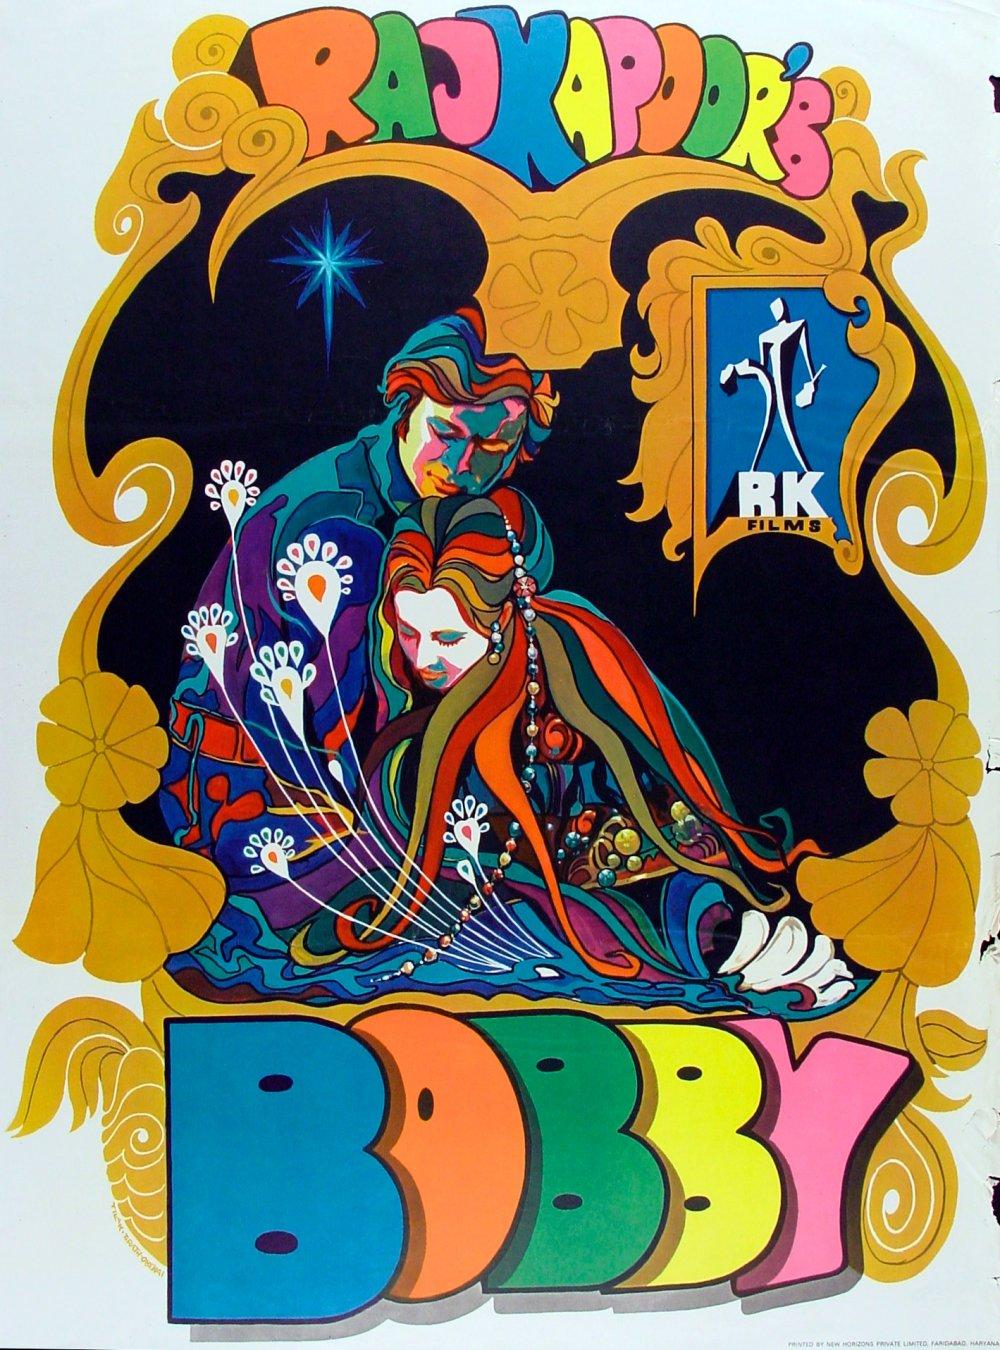 Bobby (1973) film poster